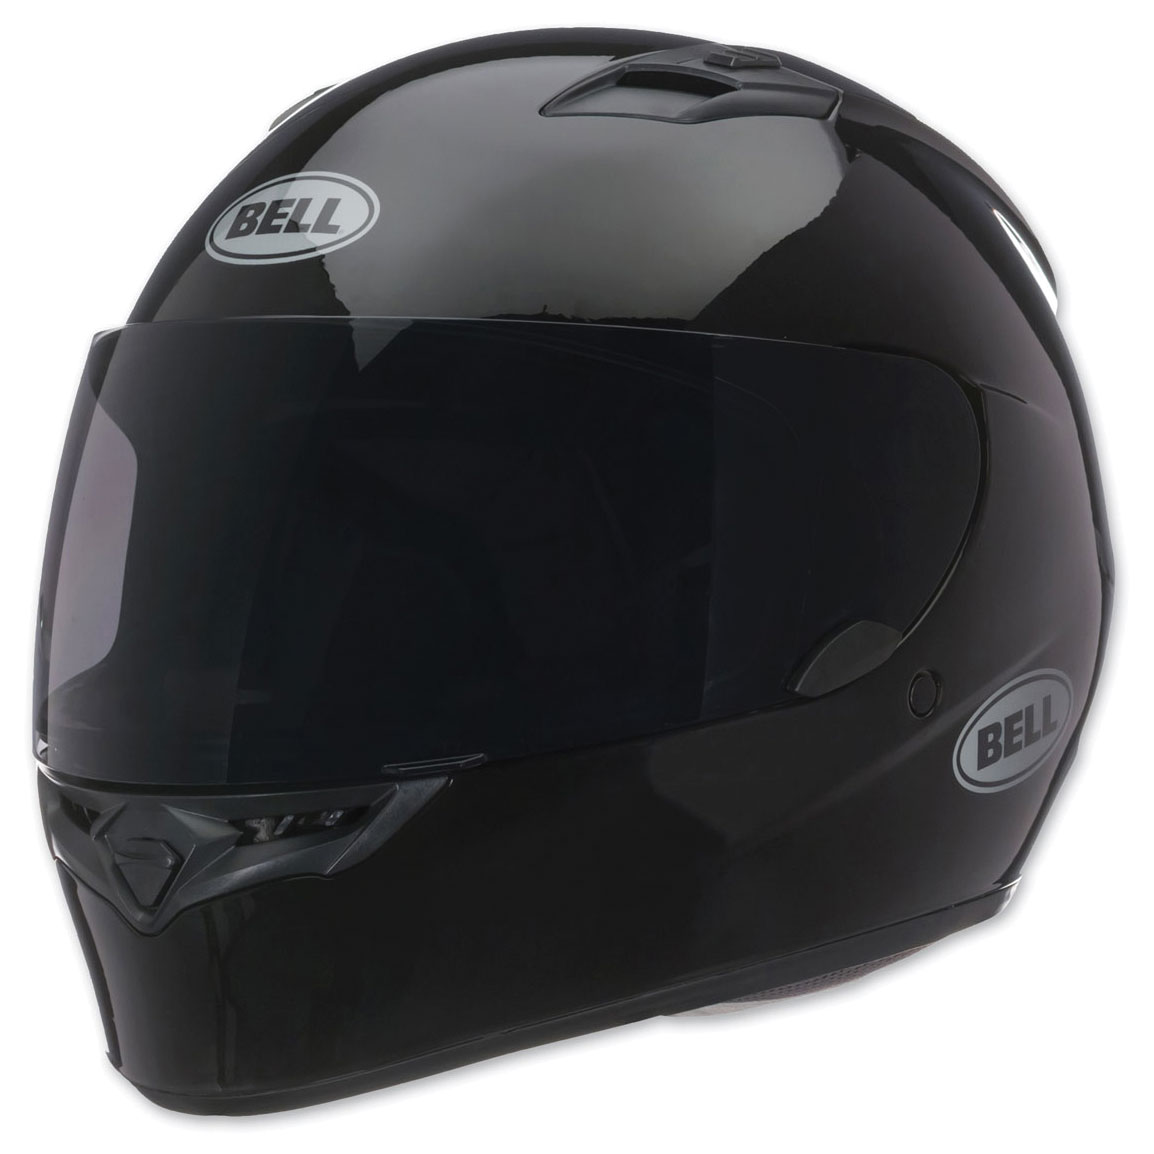 Bell Gloss Black Qualifier Full Face Helmet